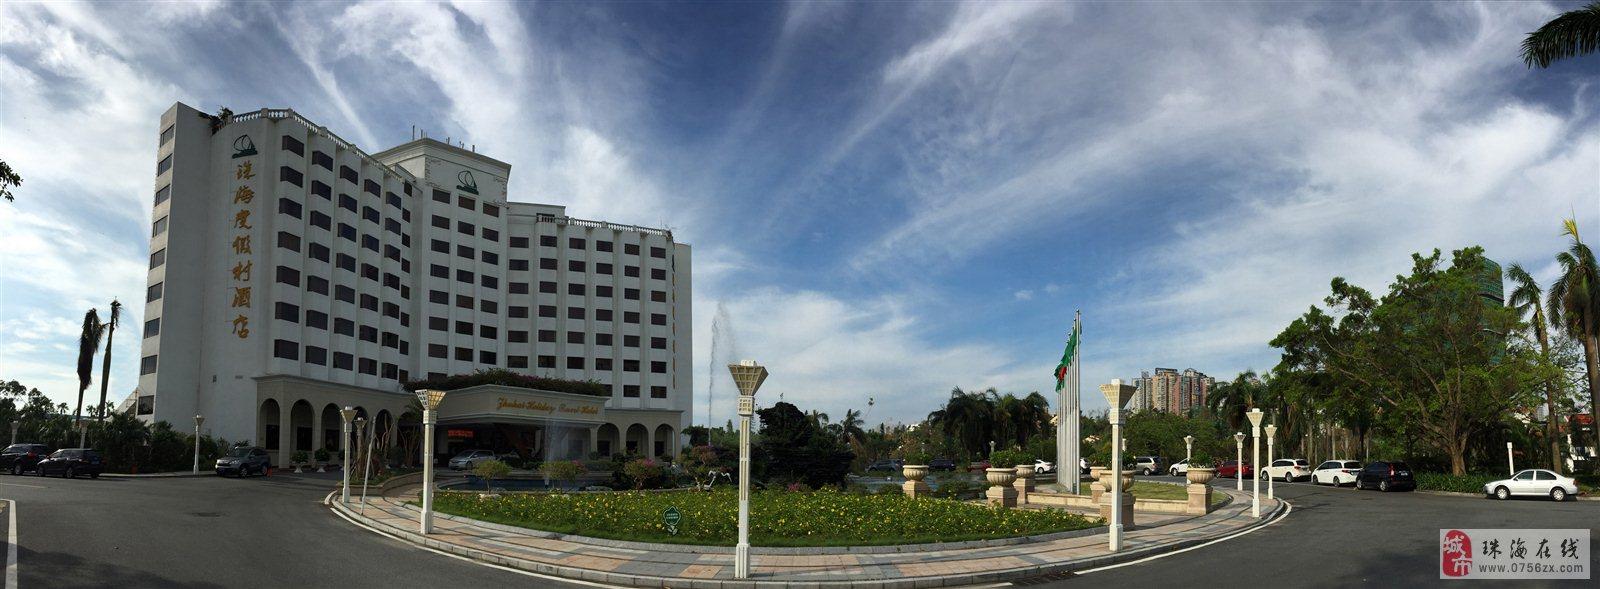 台风后的珠海度假村酒店